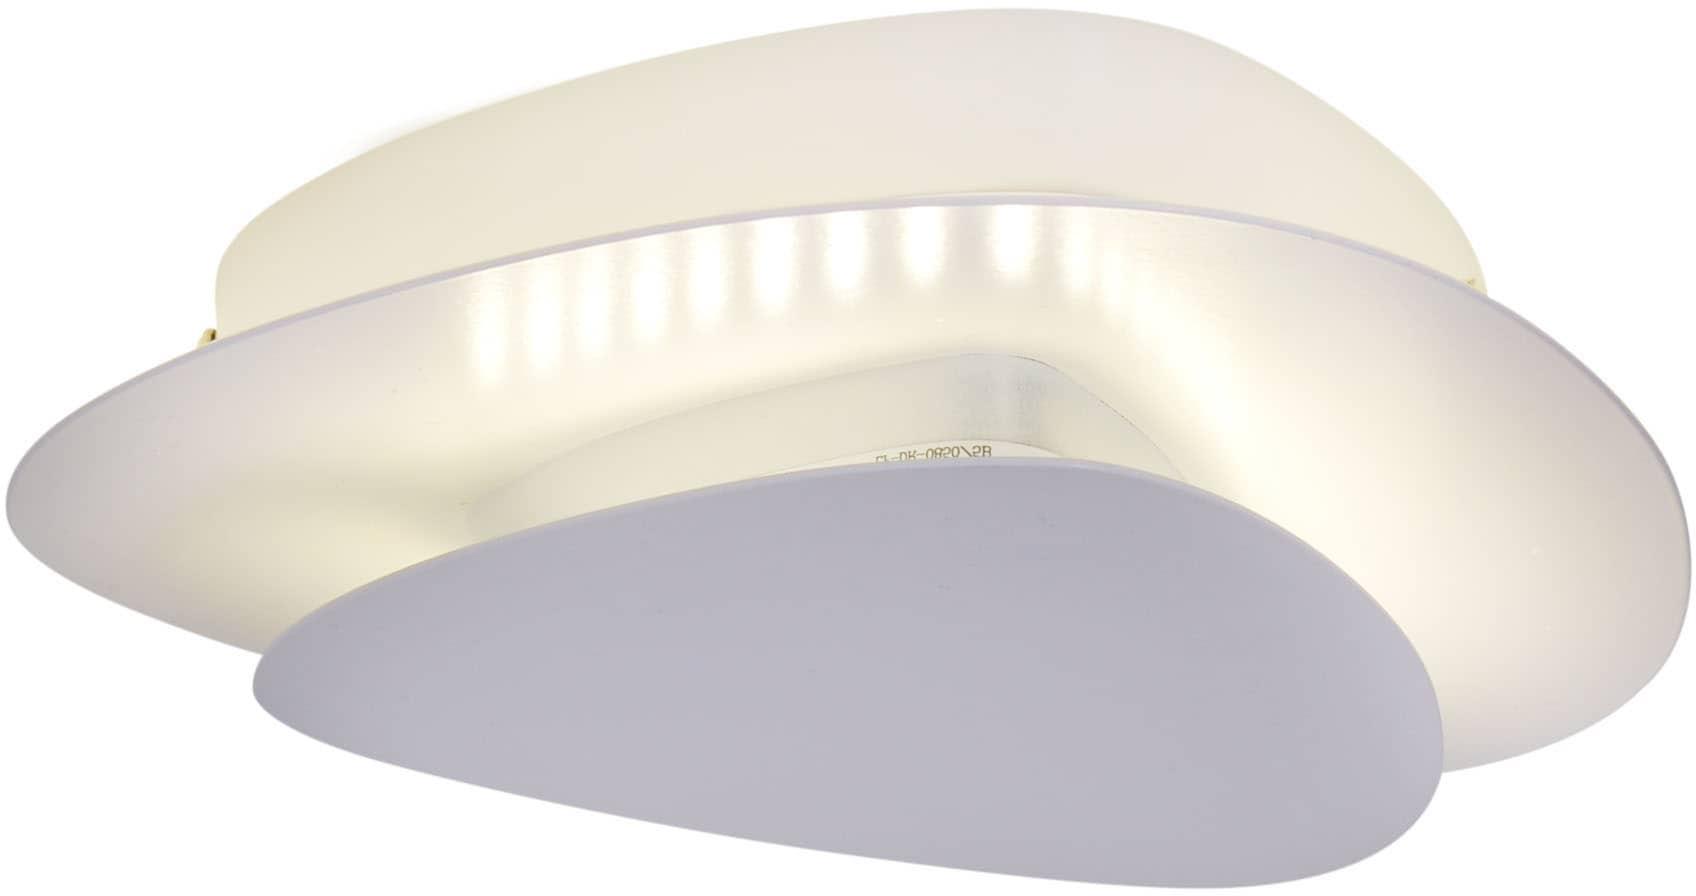 näve LED Deckenleuchte Liso, LED-Board, 1 St., Warmweiß, auch als Wanleuchte verwendbar